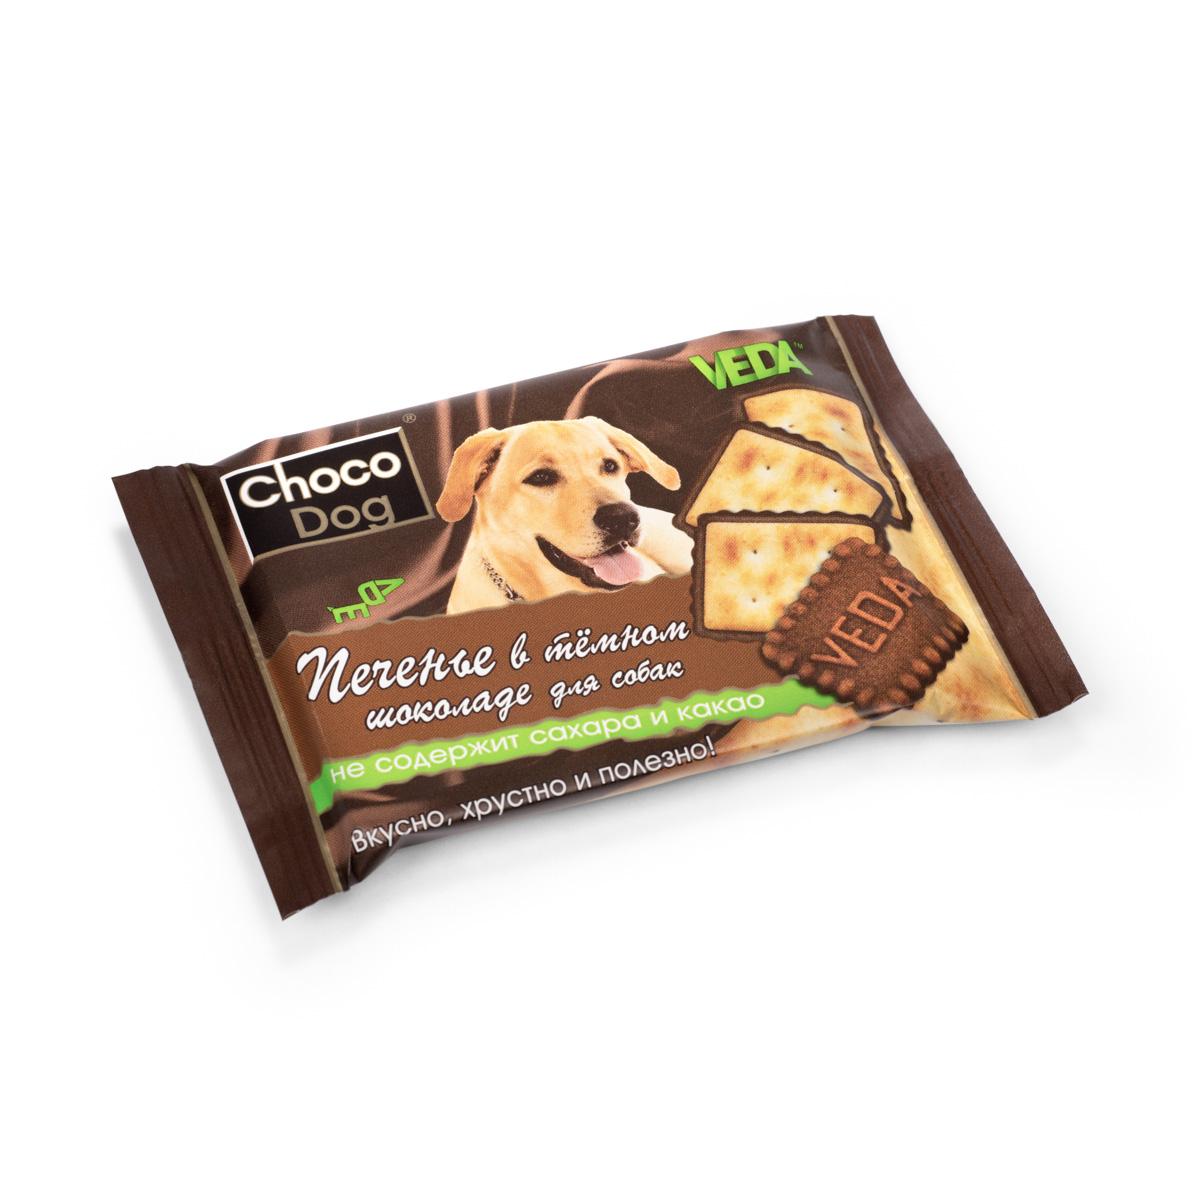 Лакомство для собак VEDA Choco Dog, печенье в темном шоколаде, 14 шт х 30 г721Лакомствоа VEDA Choco Dog содержит натуральные ингредиенты, богатые биологически активными веществами, витаминами, макро и микроэлементами.В состав темного шоколада входит альбумин, который содержит специально подготовленное железо, полностью усваиваемое организмом. И шоколад, и печенье разработаны с учетом физиологических особенностей собак, поэтому не содержат сахар и какао.В упаковке 14 штук по 30 грамм.Состав шоколада: заменитель масла какао, лактоза, сухая молочная сыворотка, порошок рожкового дерева, лецитин, альбумин черный пищевой, стевиозид, пищевой ароматизатор.Состав печенья: мука пшеничная хлебопекарная 1 сорта, вода питьевая, дрожжи хлебопекарные, соль, разрыхлитель (натрий двууглекислый), регулятор кислотности (кислота молочная).Пищевая ценность в 100 г: белки - 5,0 г, жиры - 30 г, углеводы - 55 г.Энергетическая ценность в 100 г: 505 ккал.Товар сертифицирован.